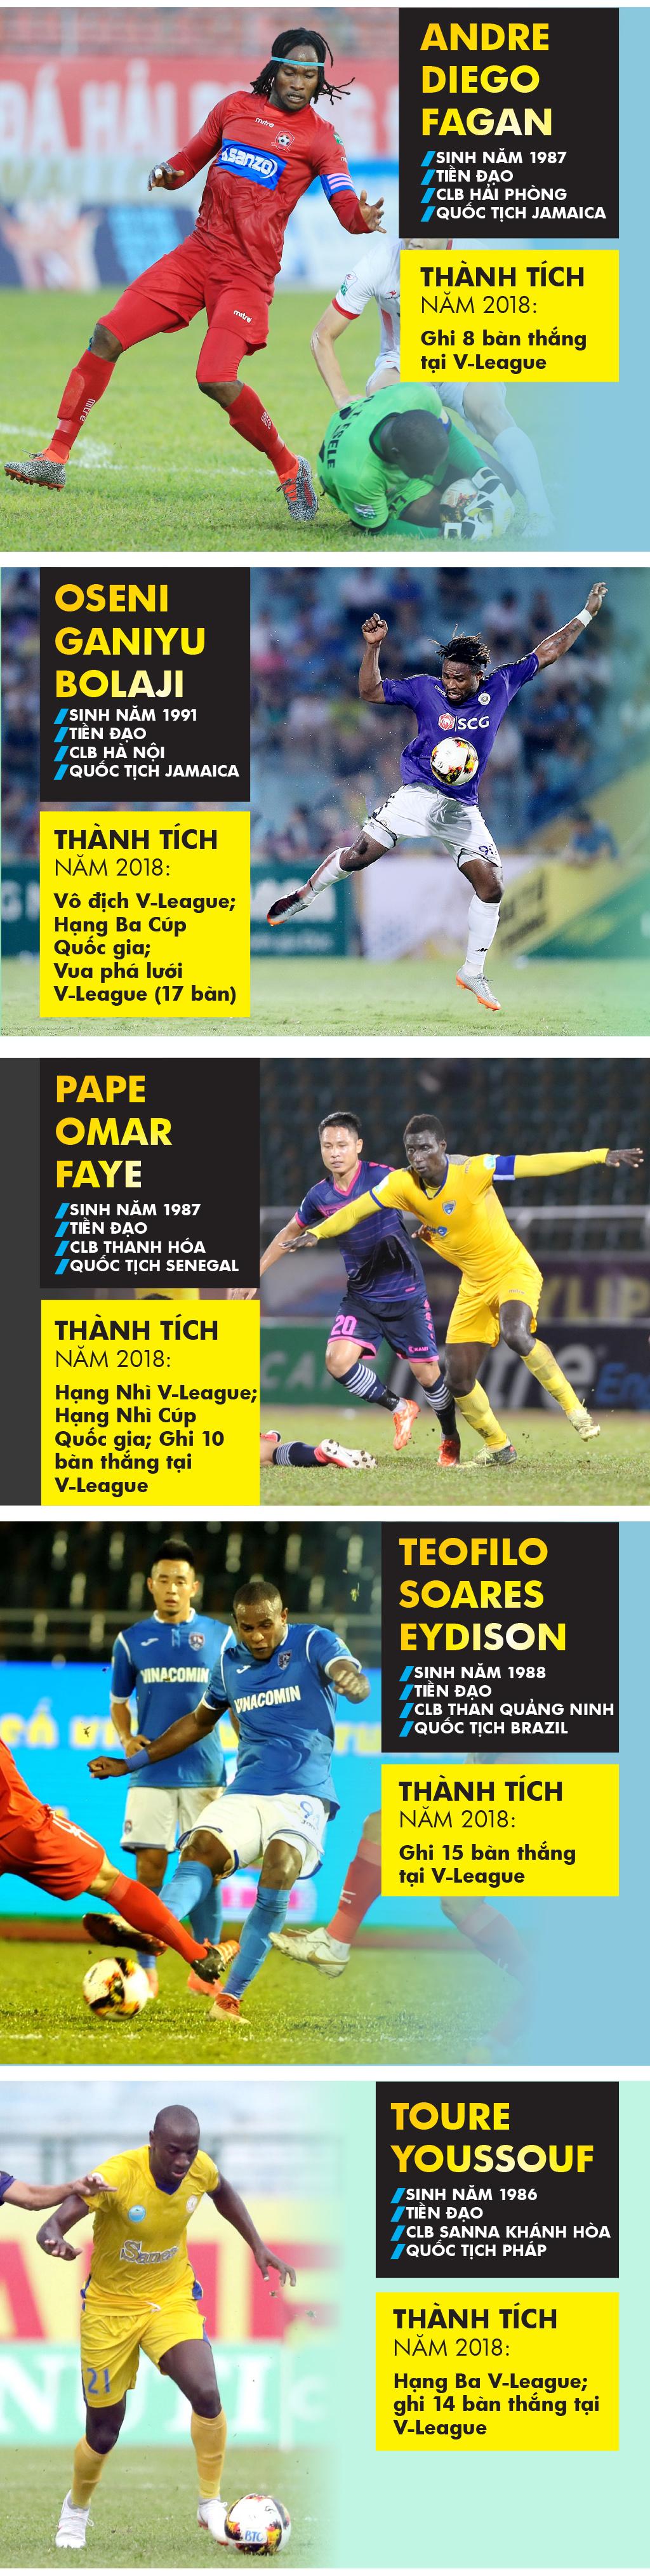 Những cầu thủ nào là ứng viên giải Cầu thủ nước ngoài xuất sắc  ảnh 1